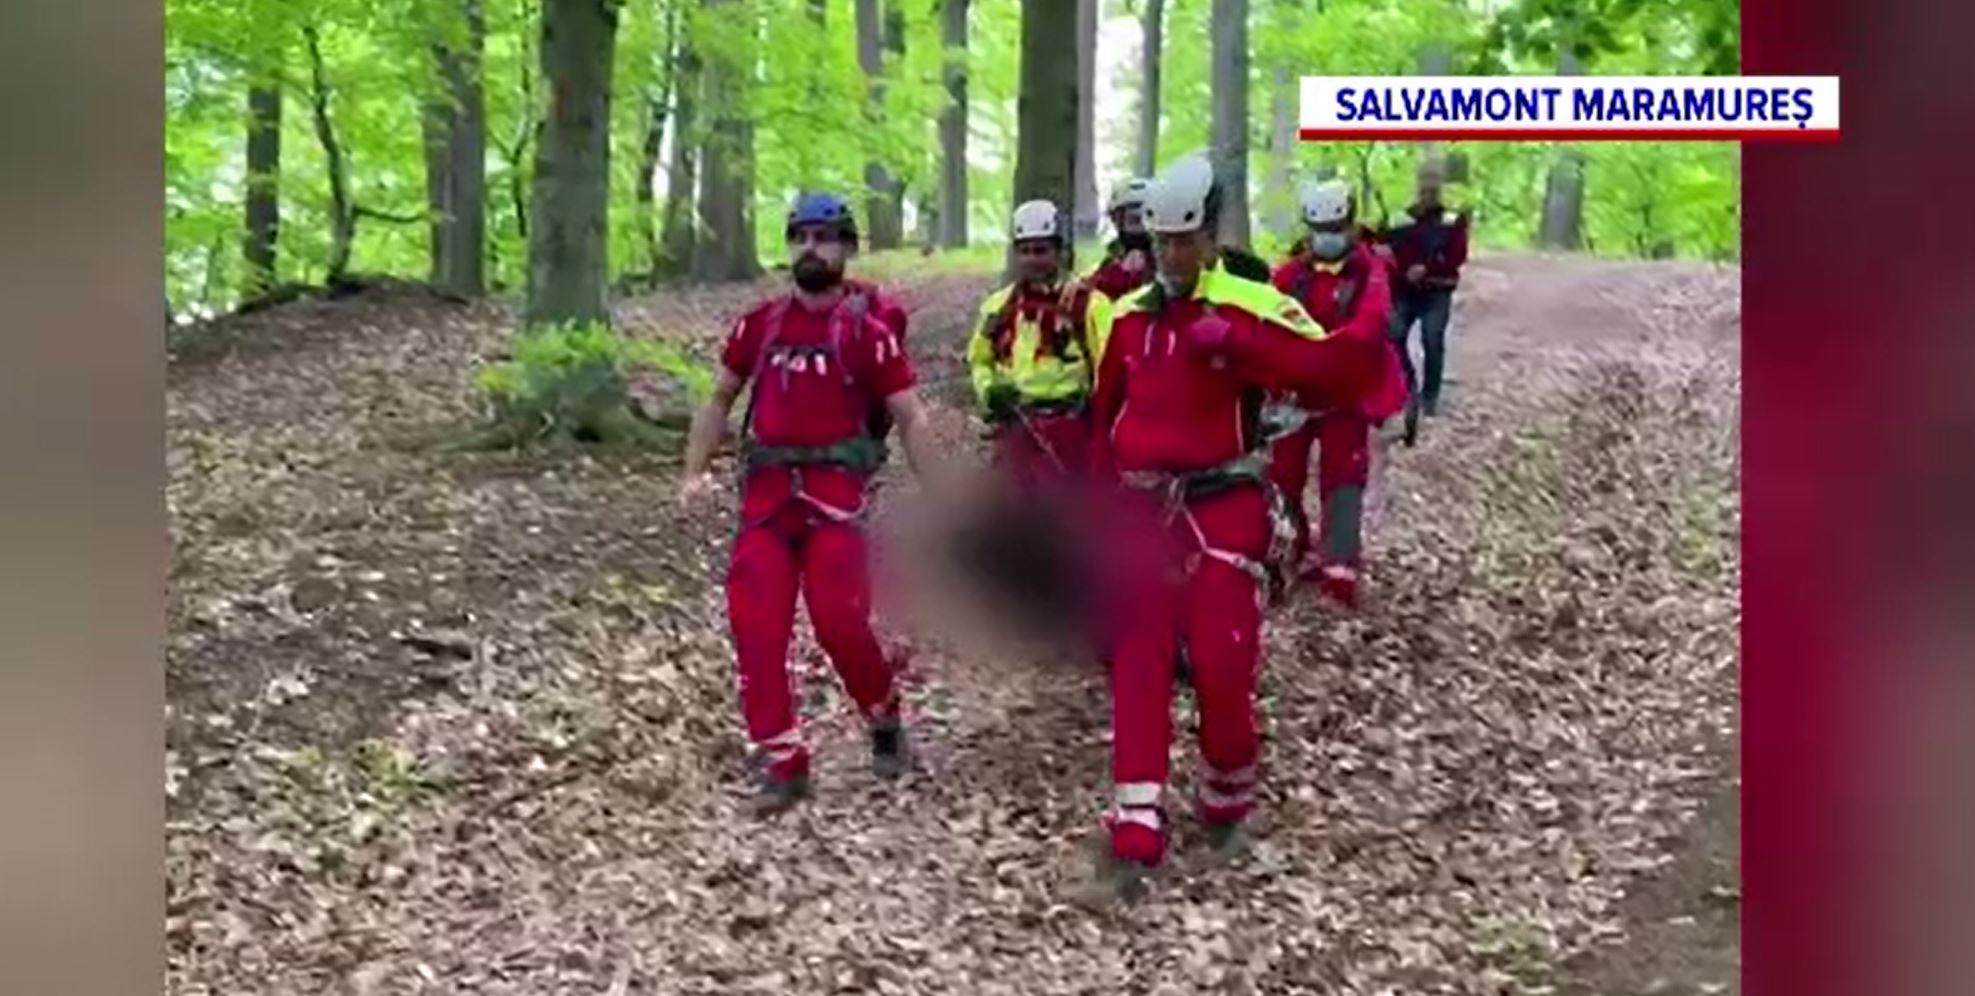 Bărbat care plecase pe un traseu montan din Maramureș, găsit fără suflare de un alt turist